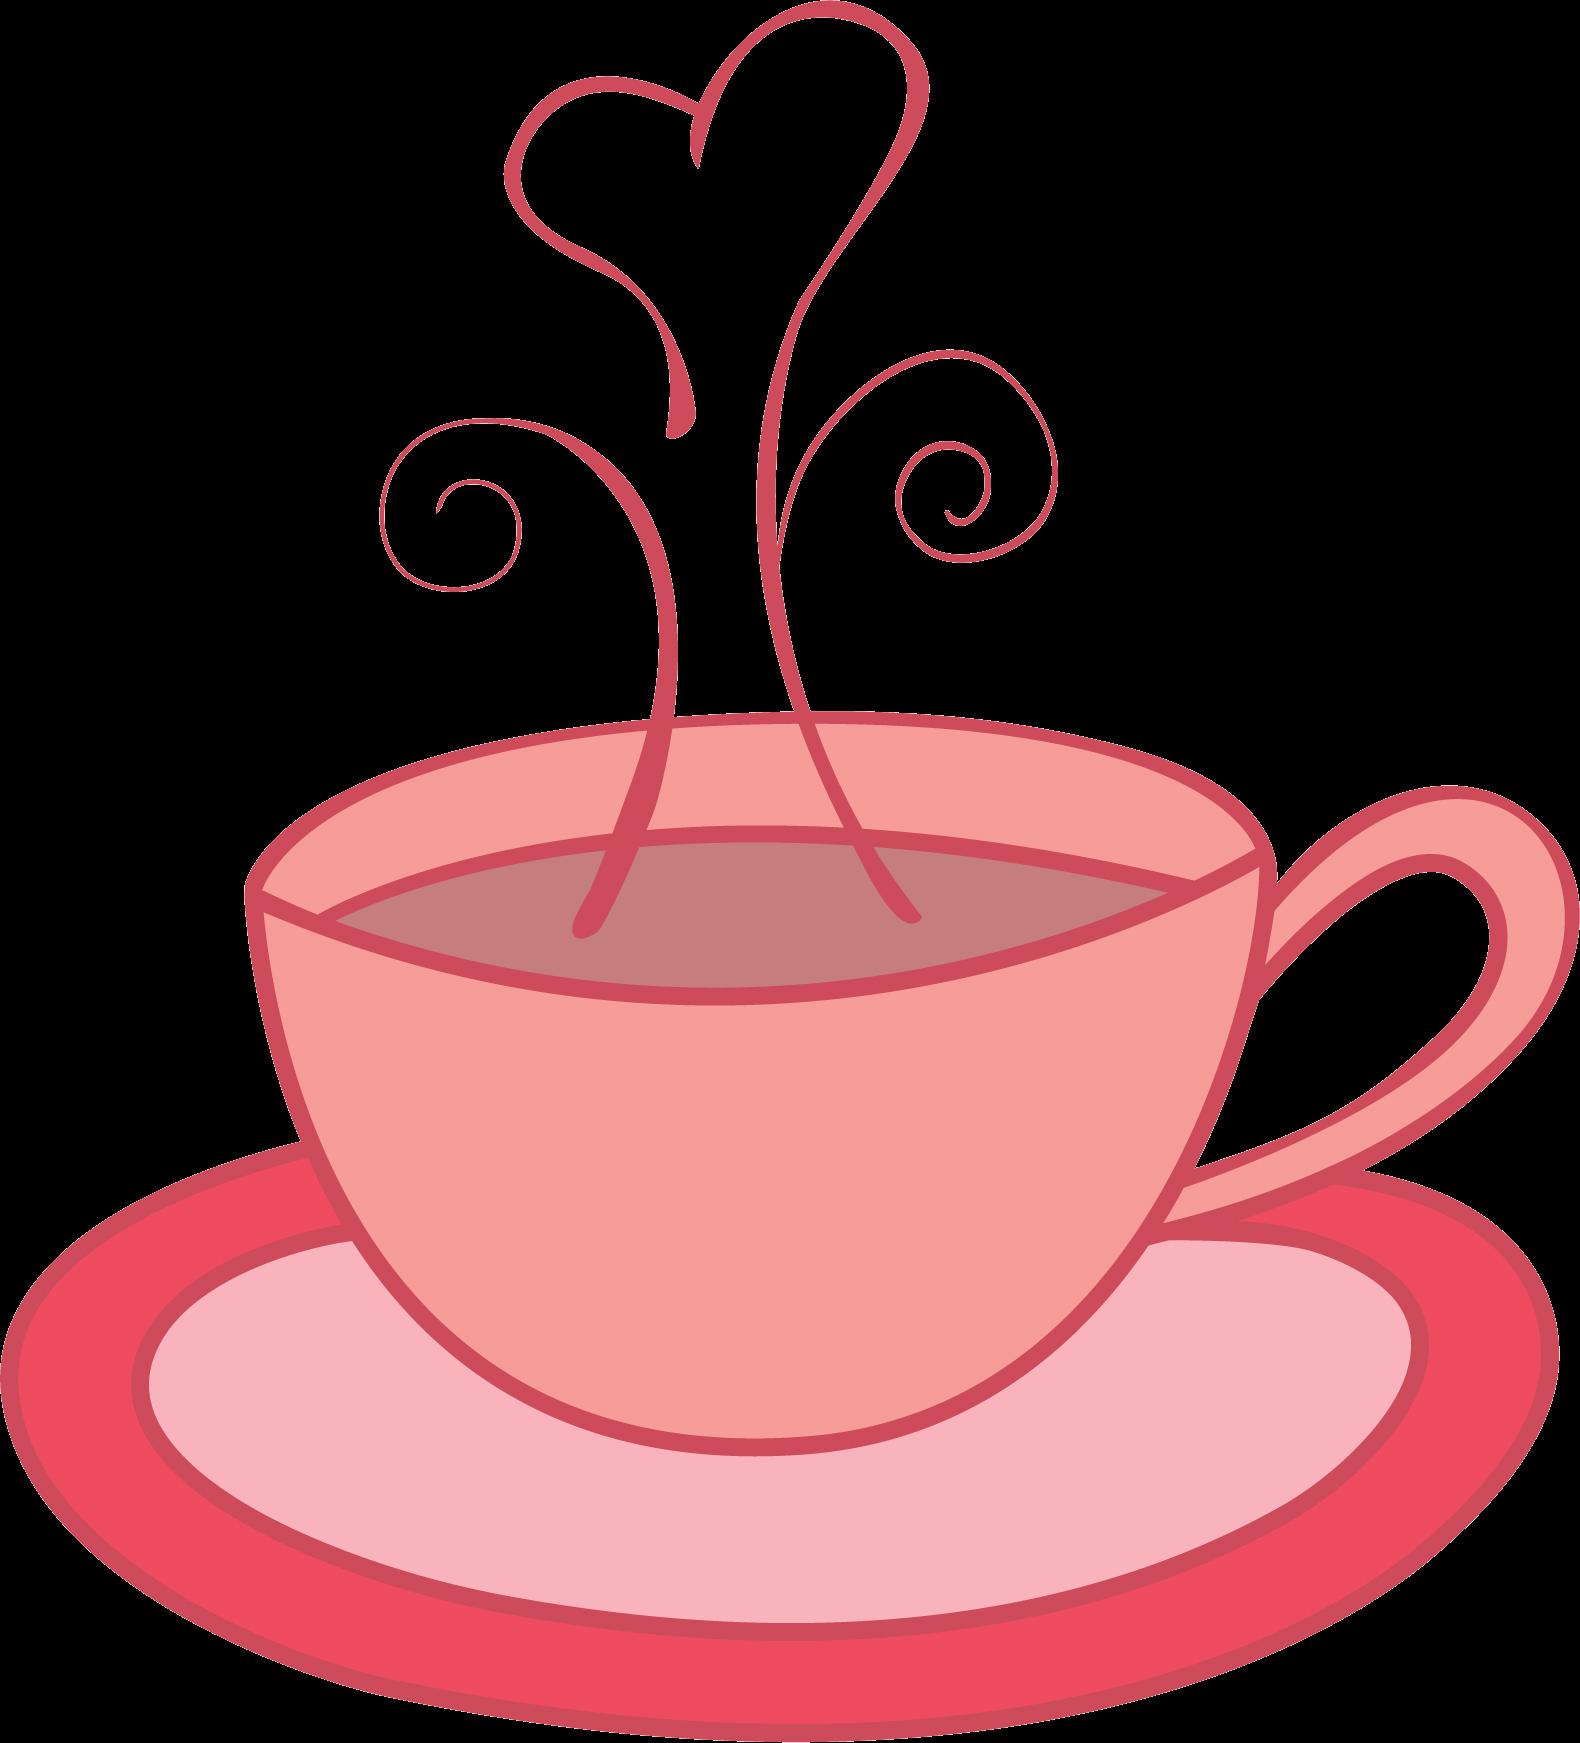 Teacup Clipart Clipart Best